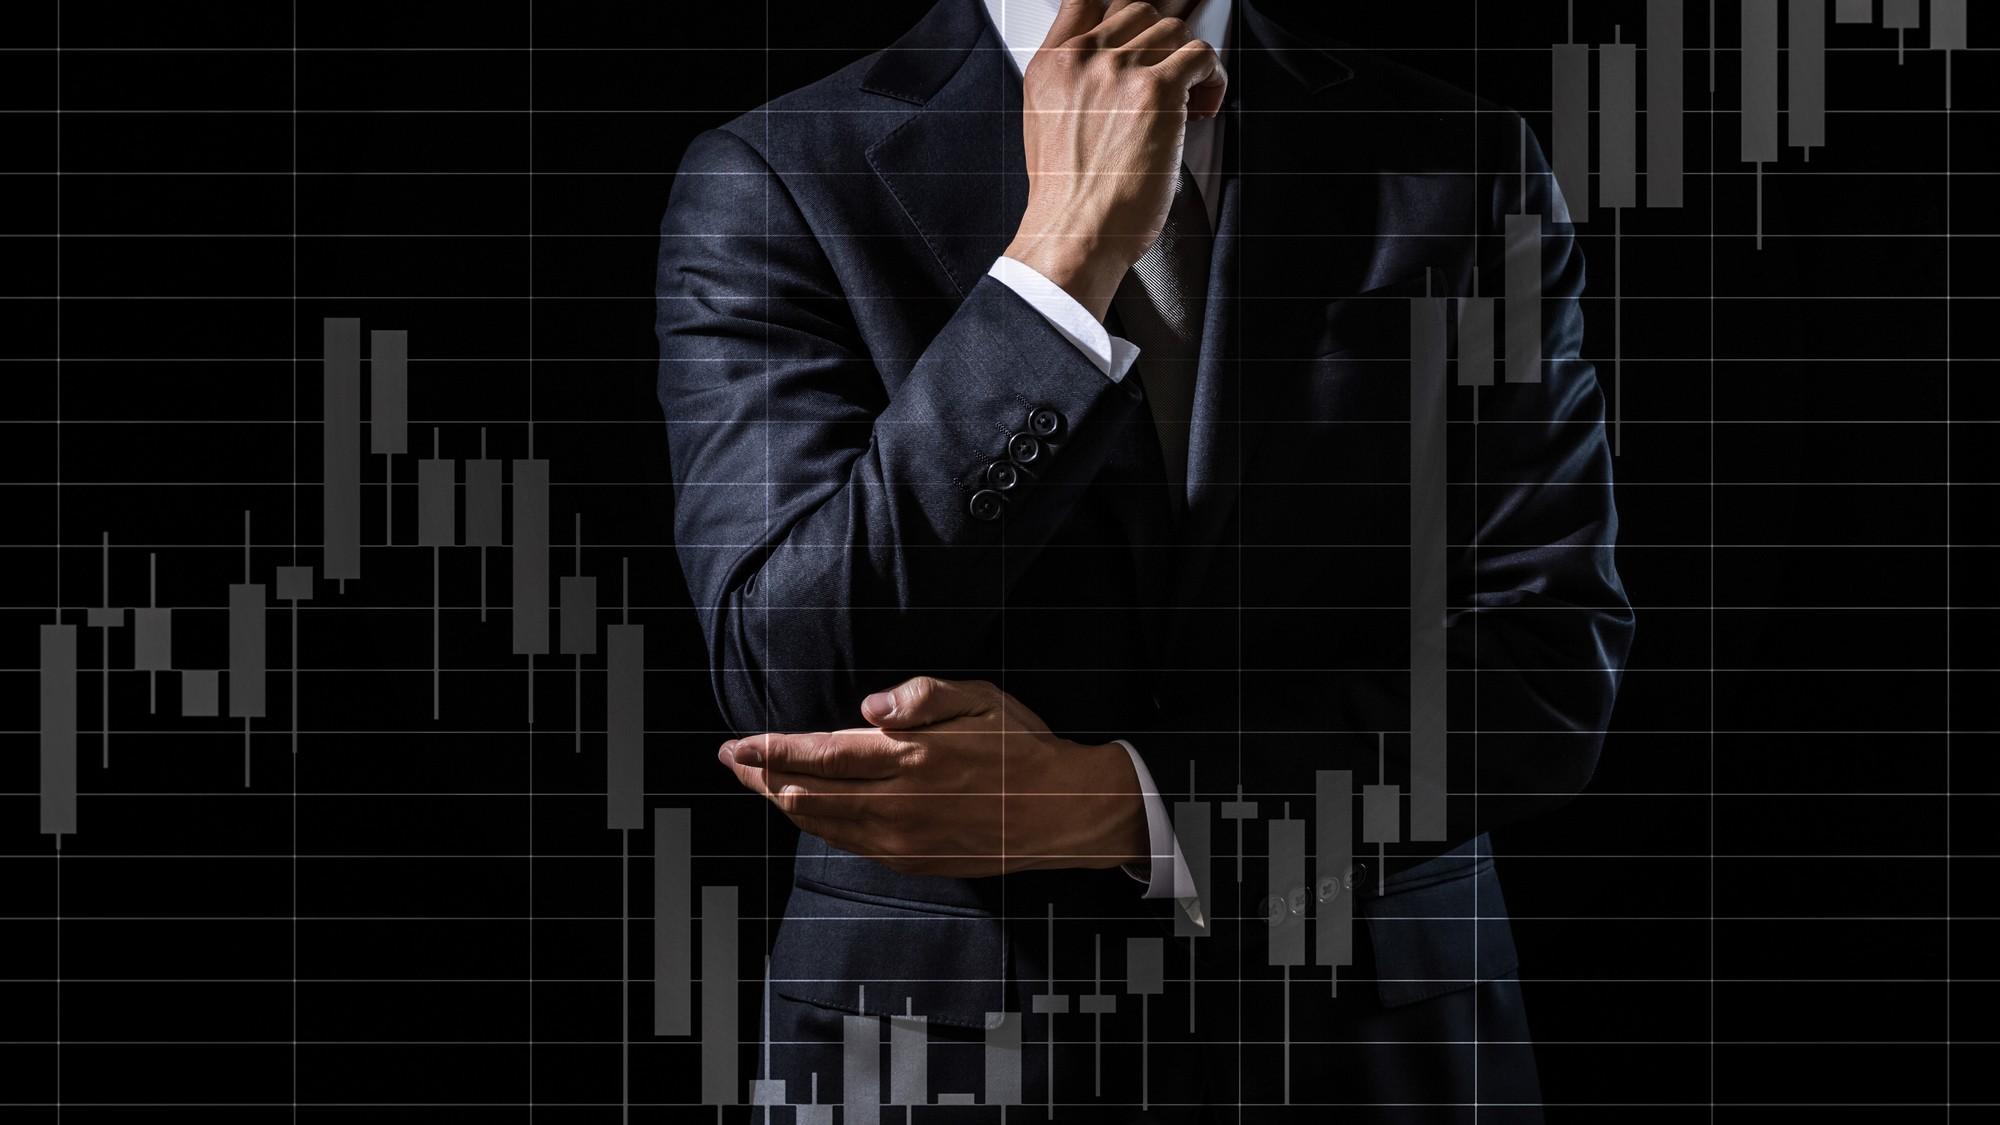 株で儲けている人は、いつ「成り行き注文」をしているのか?